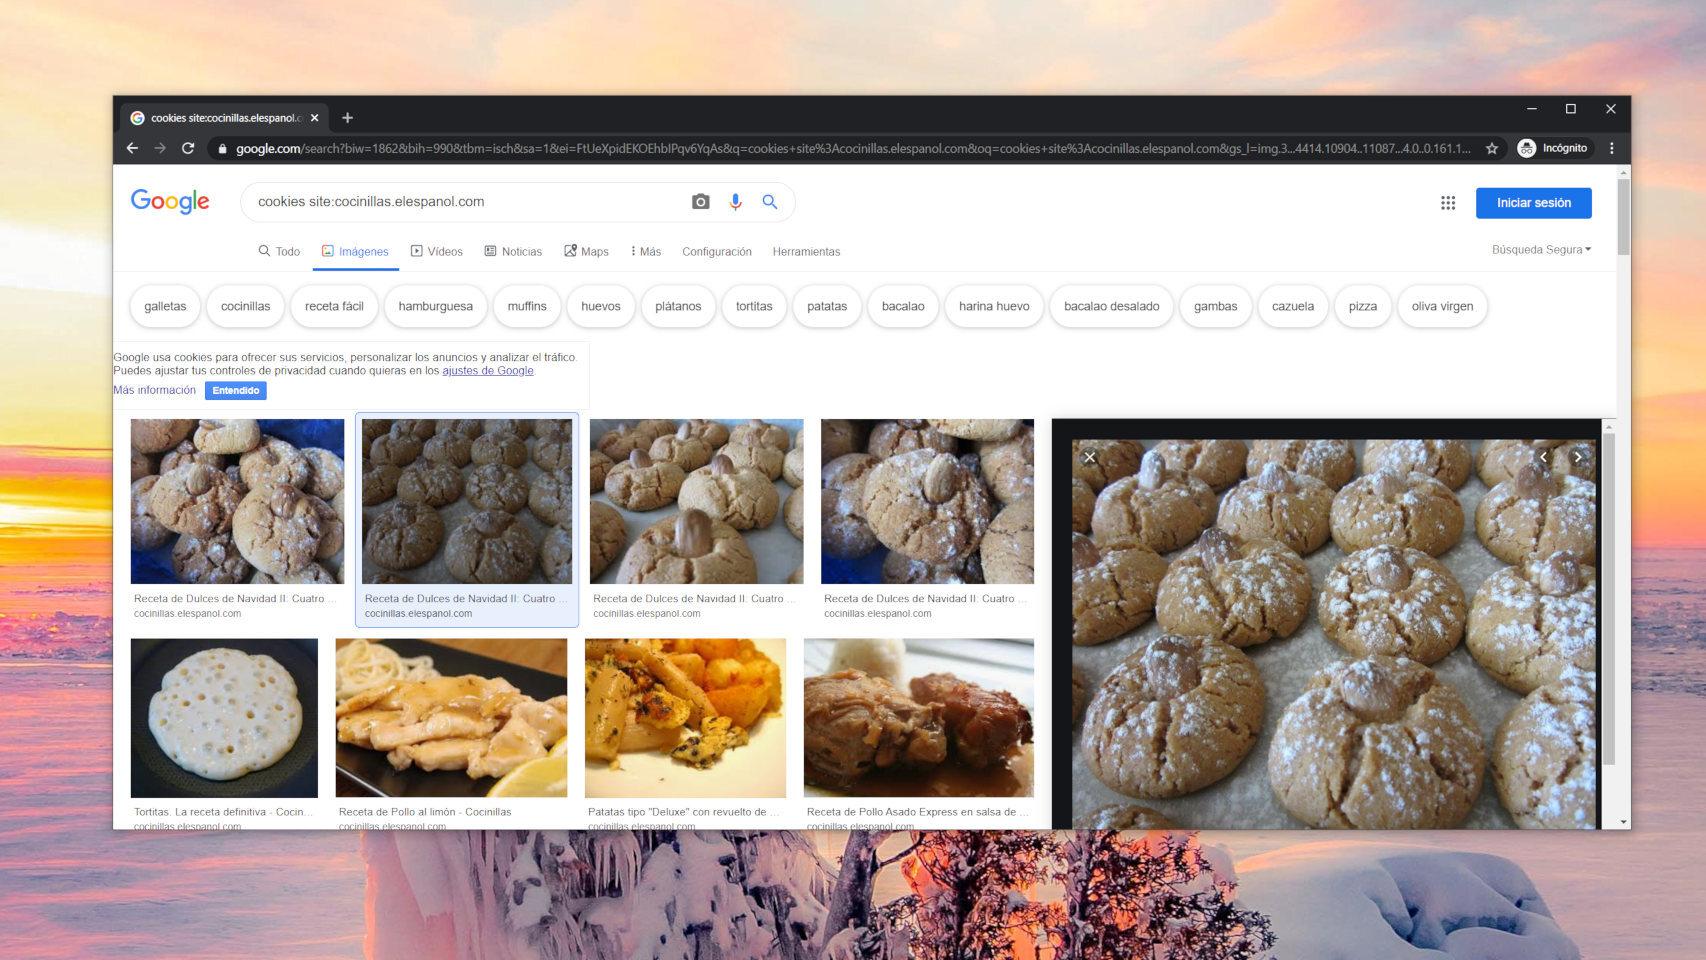 Resultado de imagen para google se lanza en búsqueda de reemplazo para las cokies